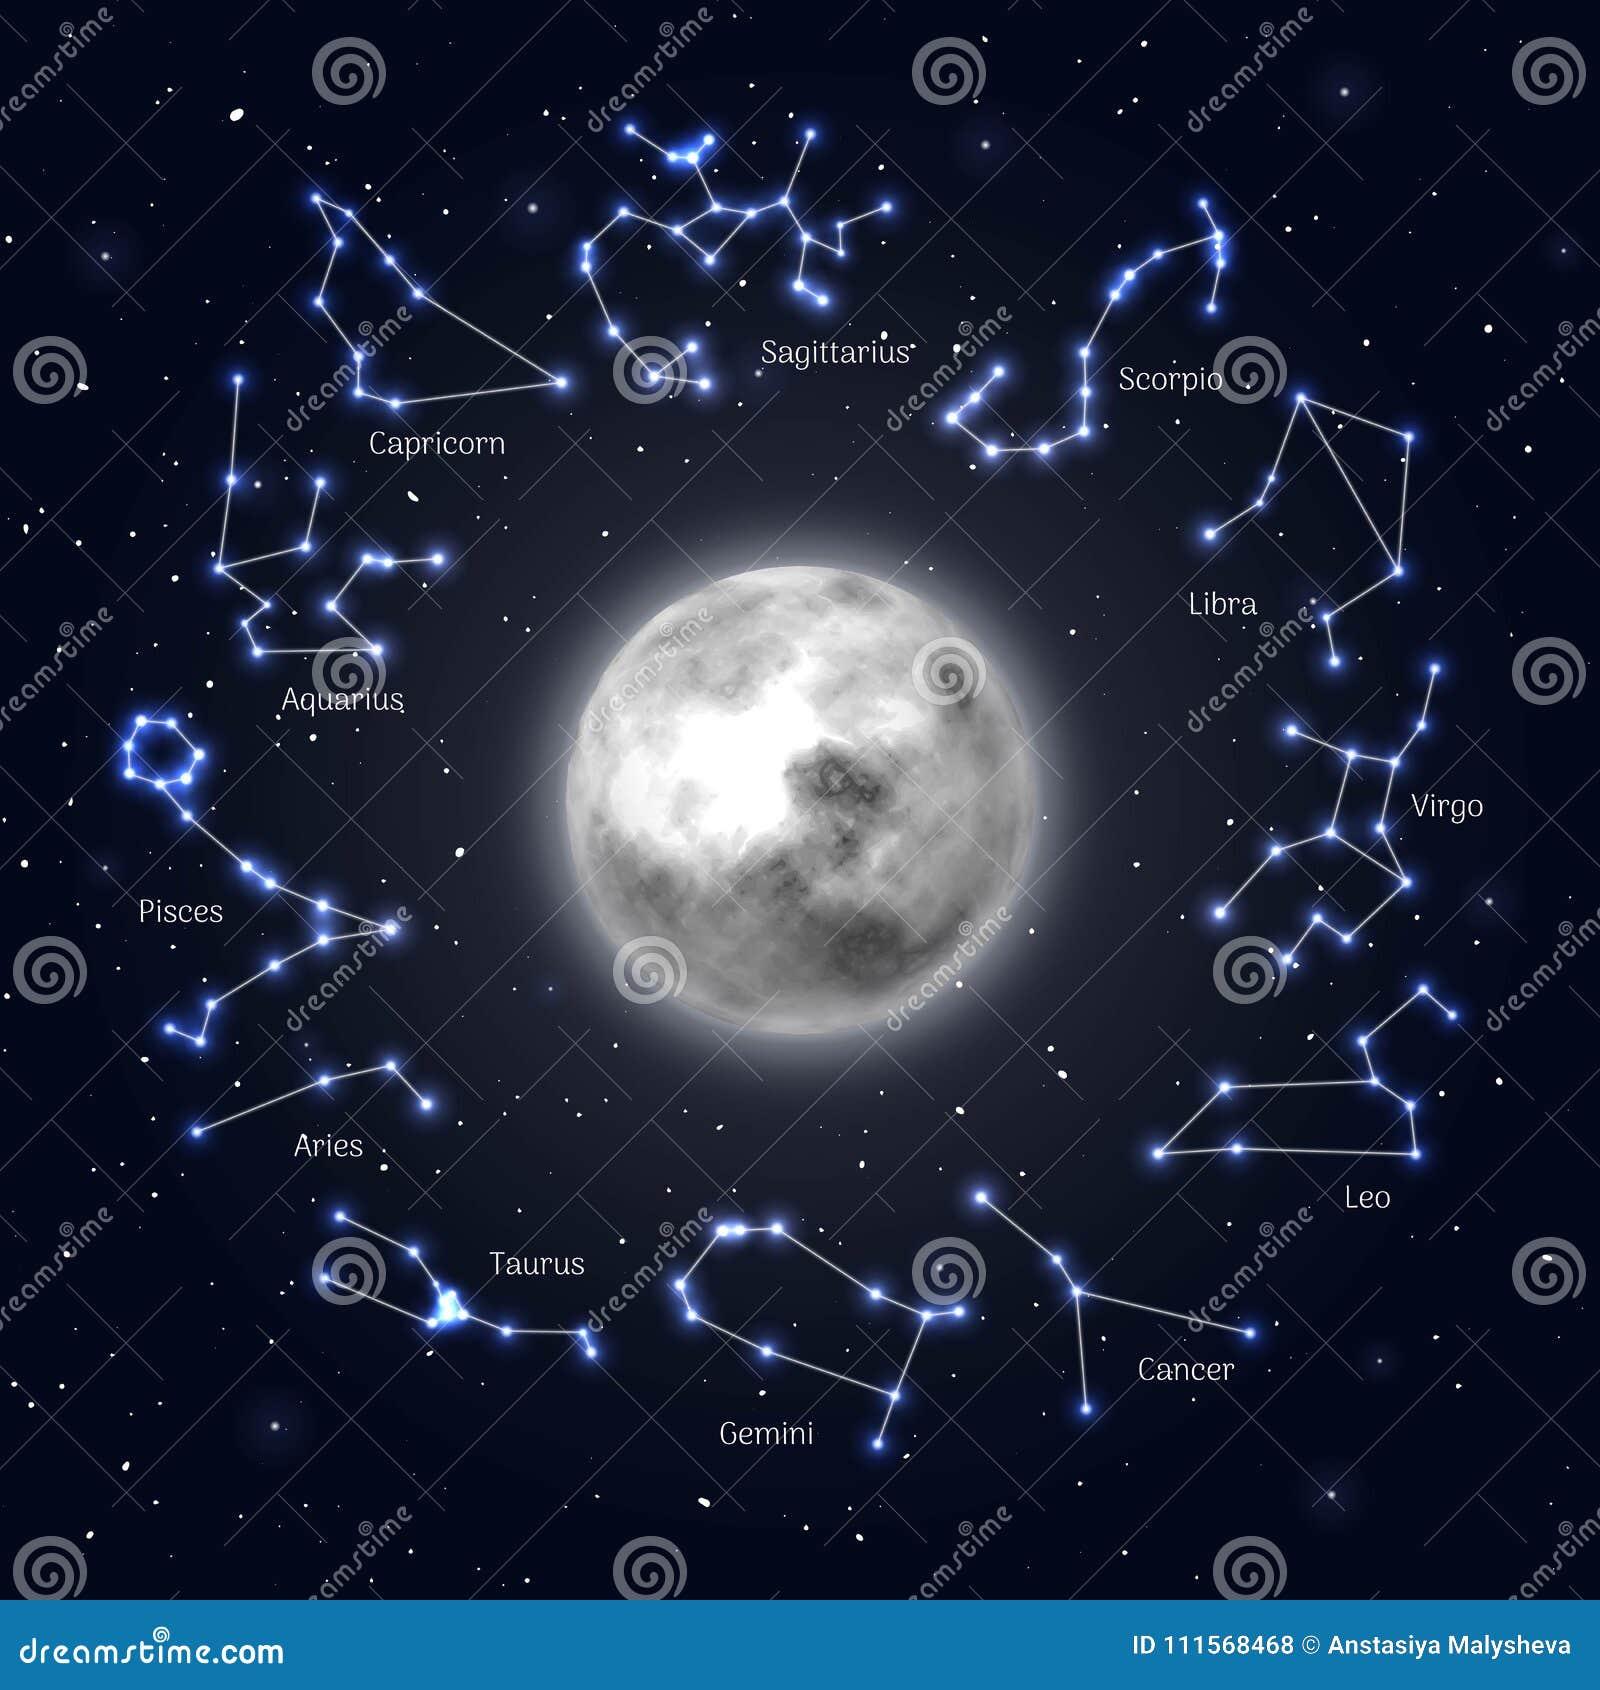 Moon i segni circondati dello zodiaco, fondo del cielo notturno, realistico